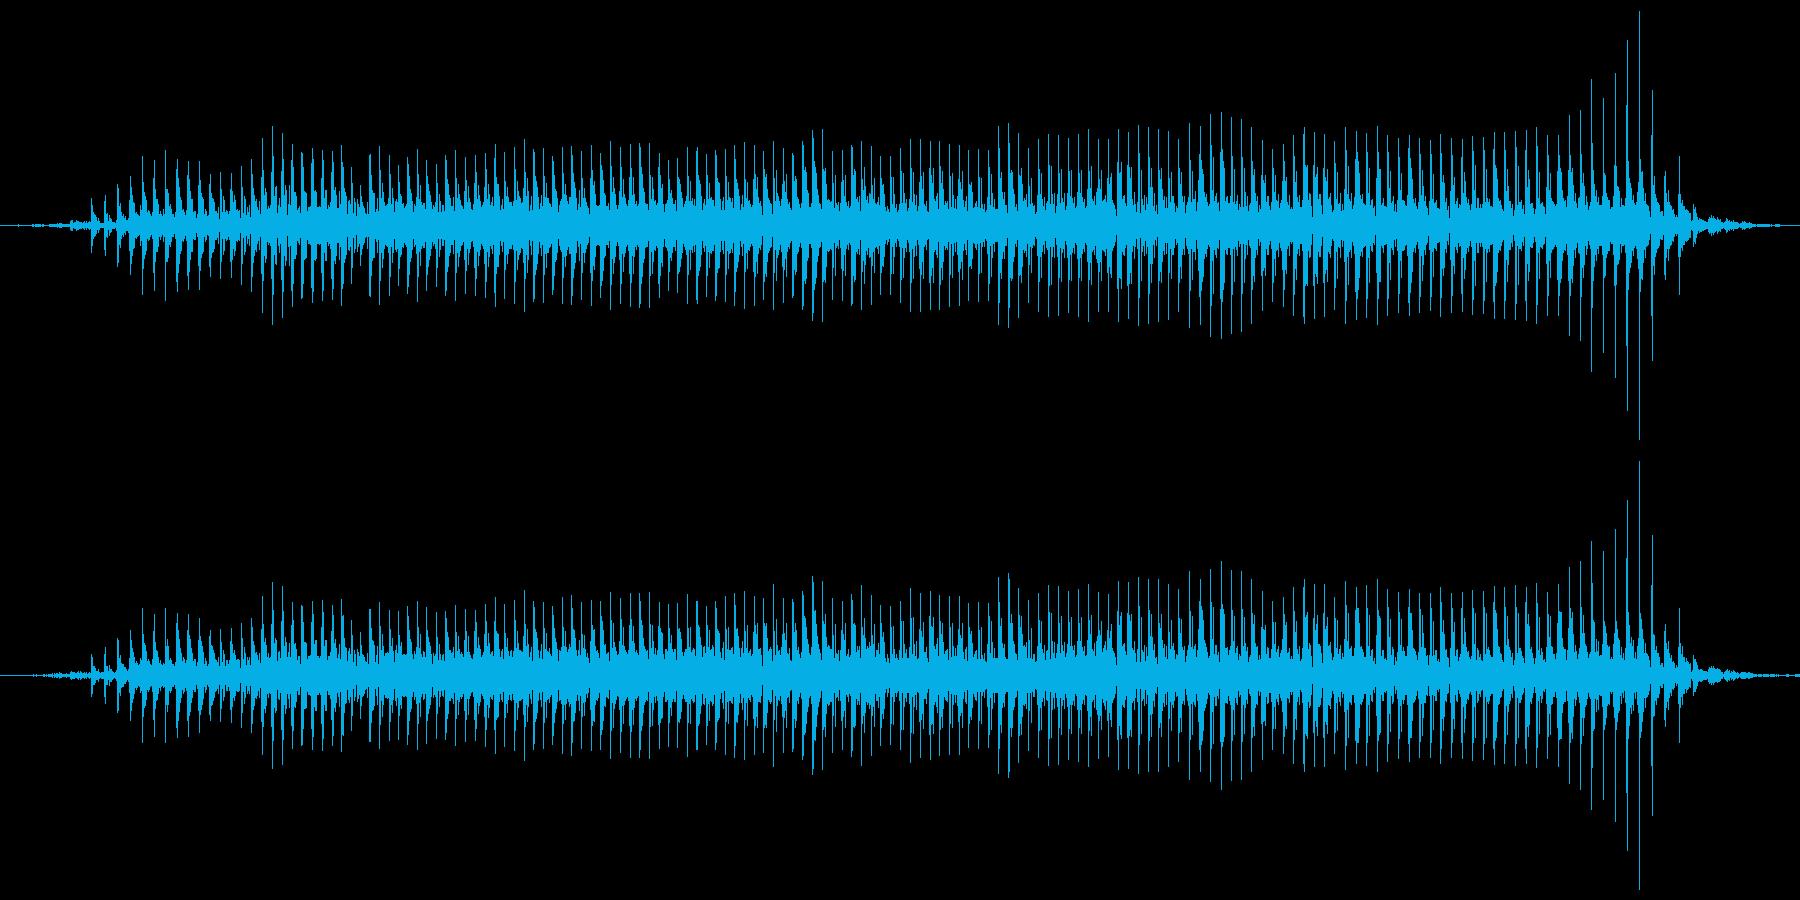 ヒツジの鳴き声(メェー)の再生済みの波形